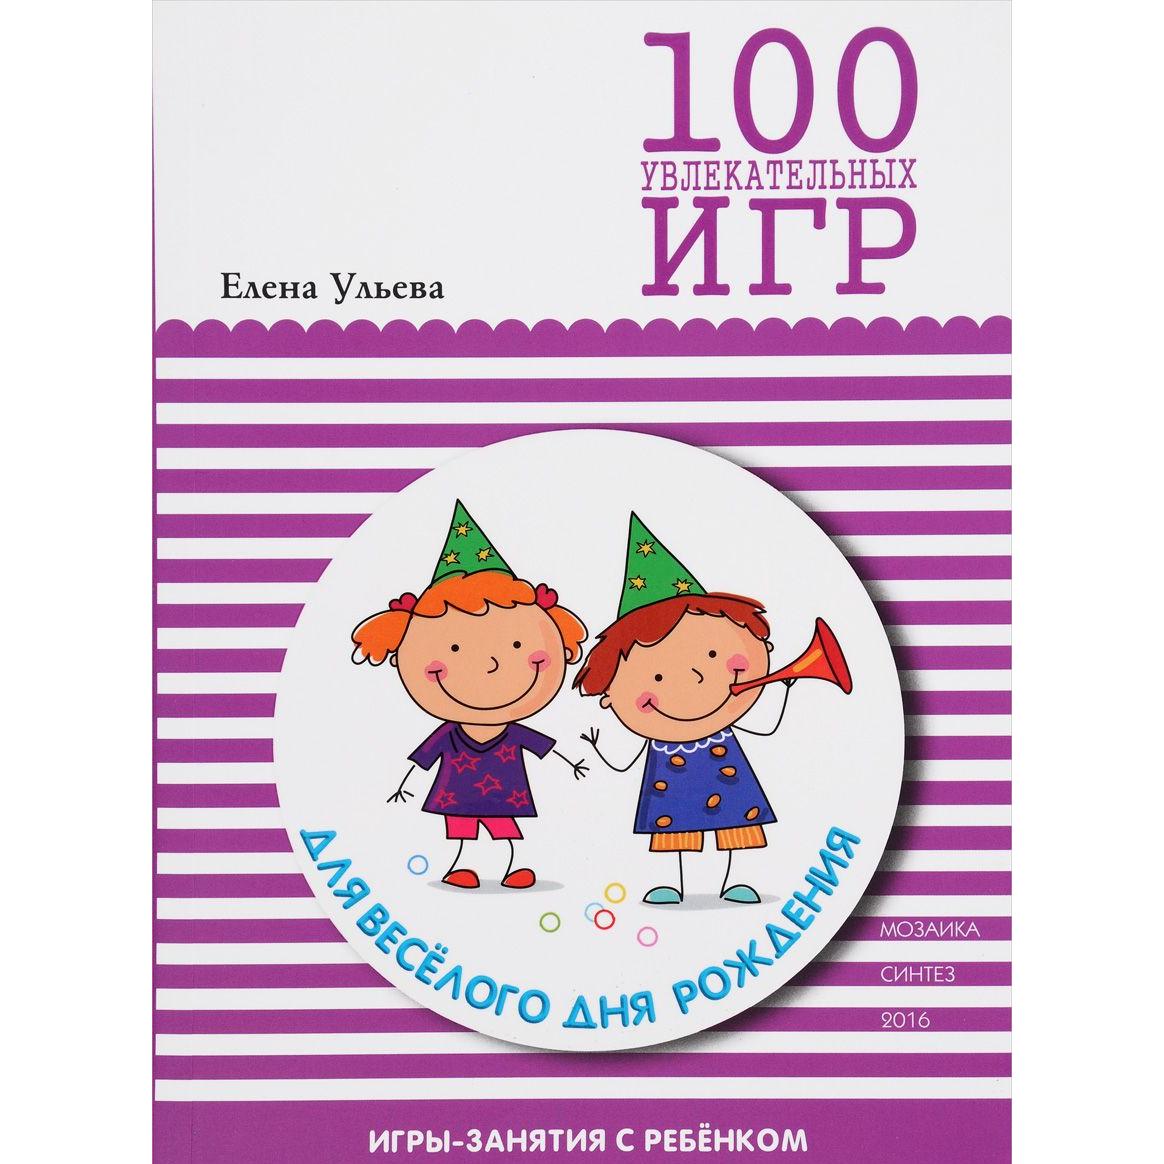 Книга - 100 увлекательных игр дл веселого дн рождениЗадани, головоломки, книги с наклейками<br>Книга - 100 увлекательных игр дл веселого дн рождени<br>